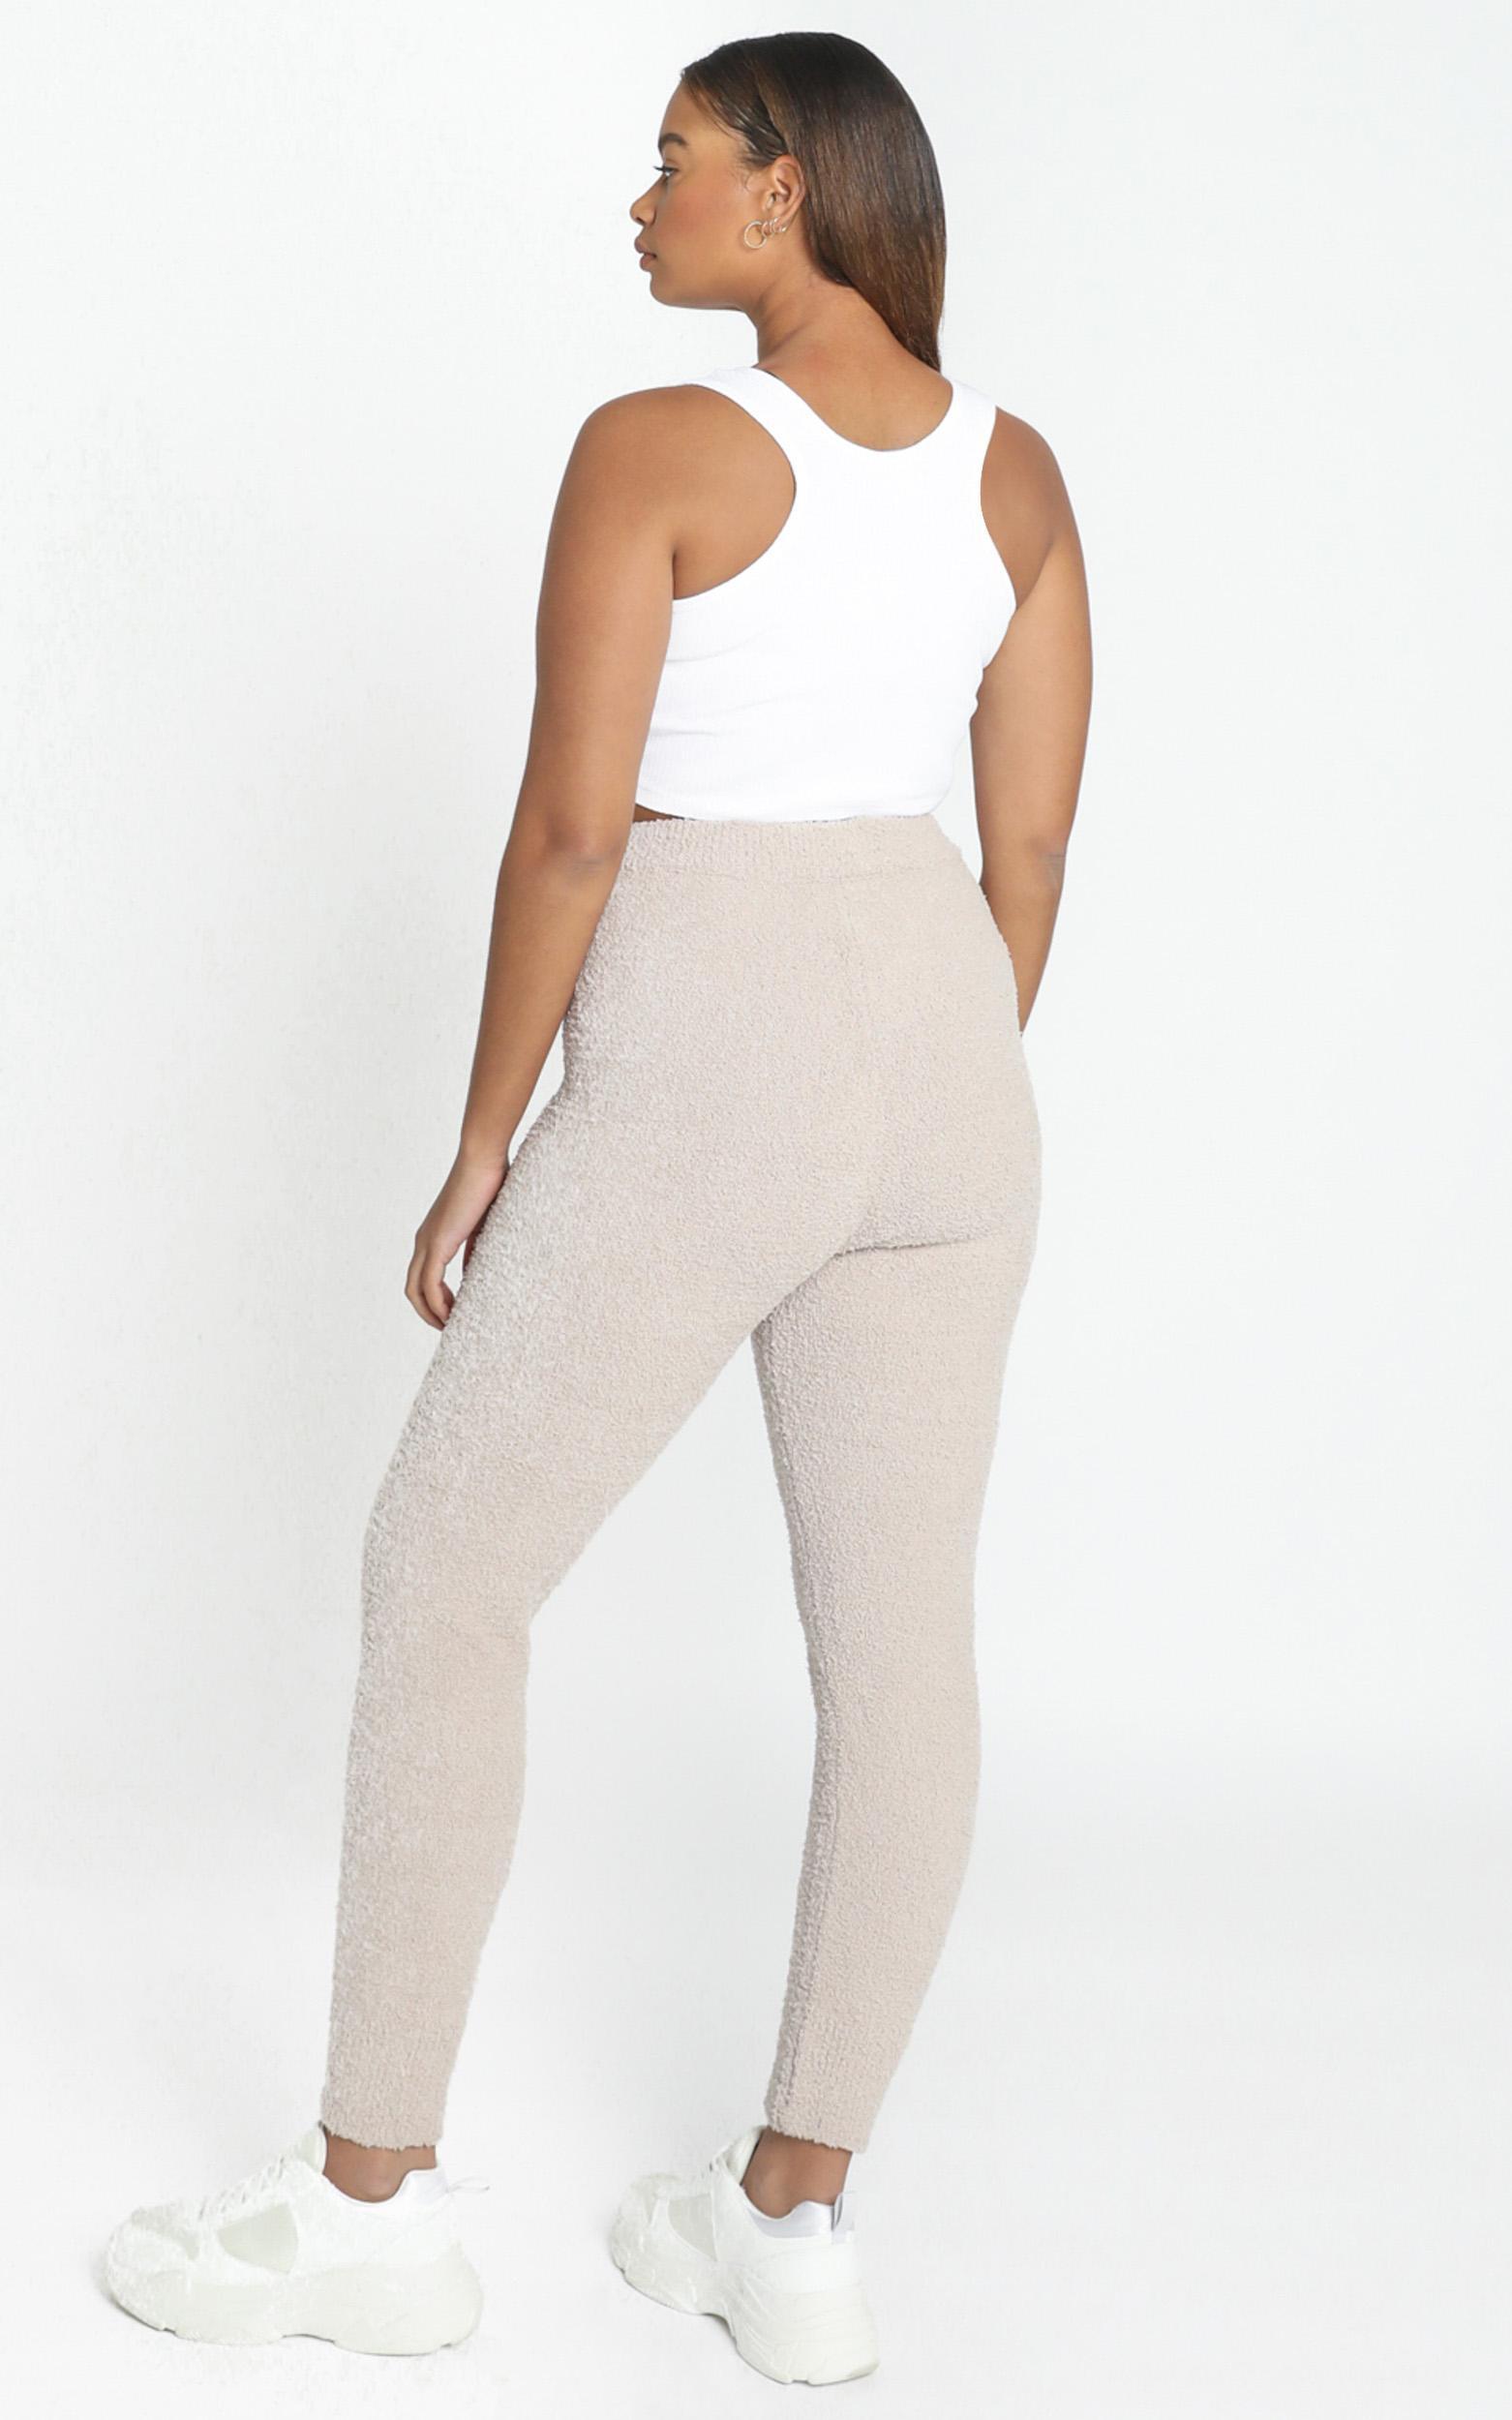 Jesstin Knit Pants in Cream - 12 (L), Cream, hi-res image number null